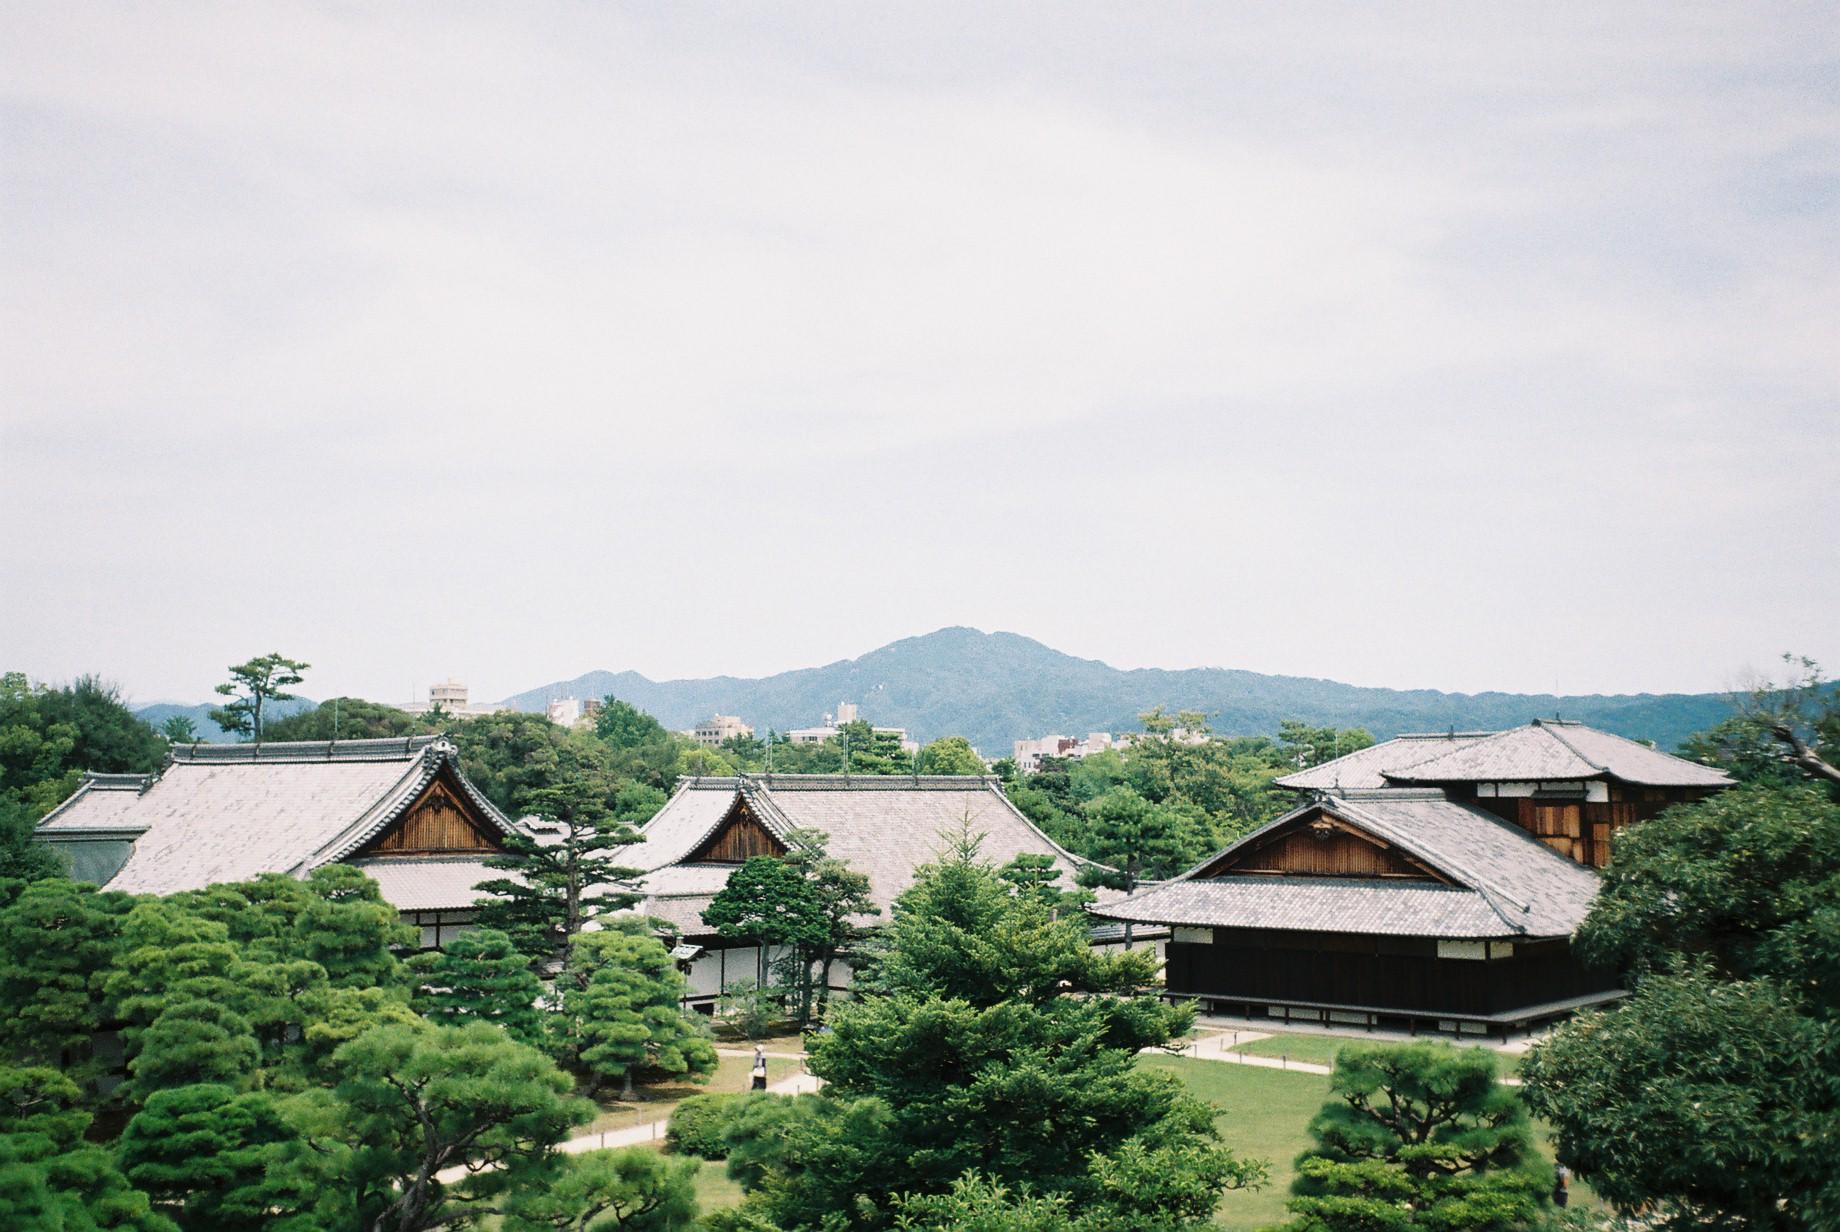 Le  château de Nijō - 二条城 - Nijō Castle